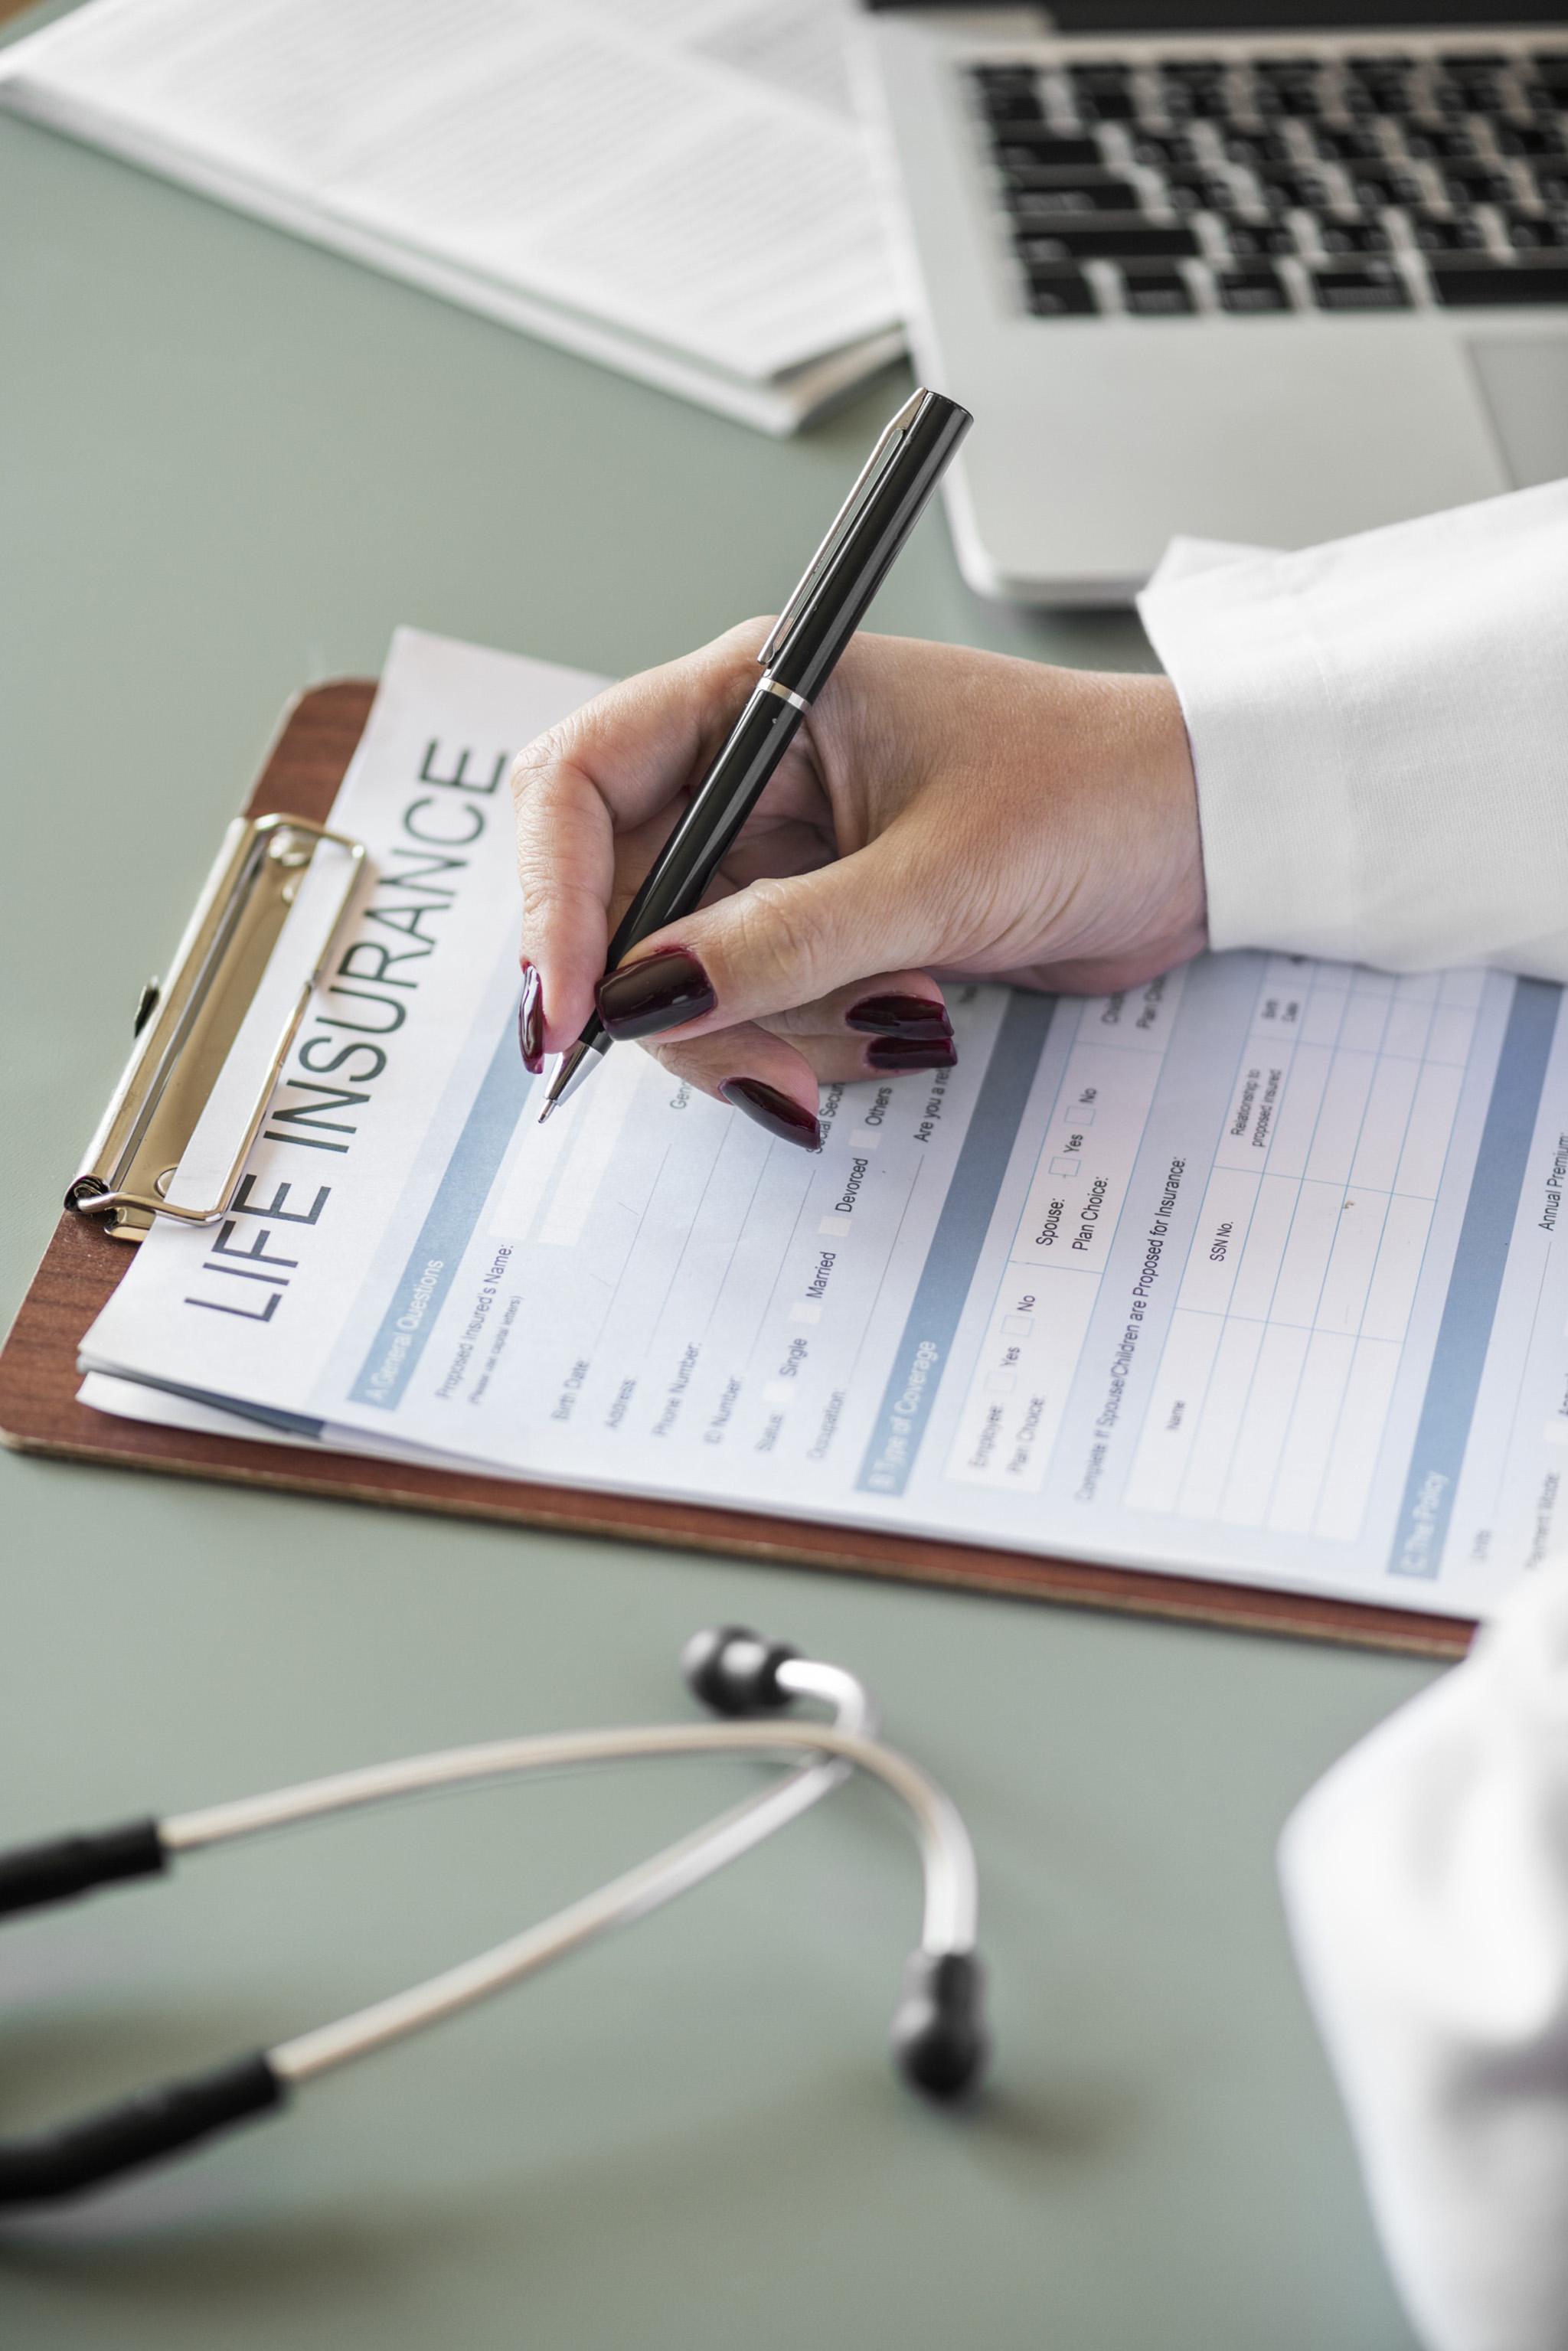 若沒有明顯徵象及證據證明保戶已知本身罹患疾病,保險公司不能拒絕理賠。